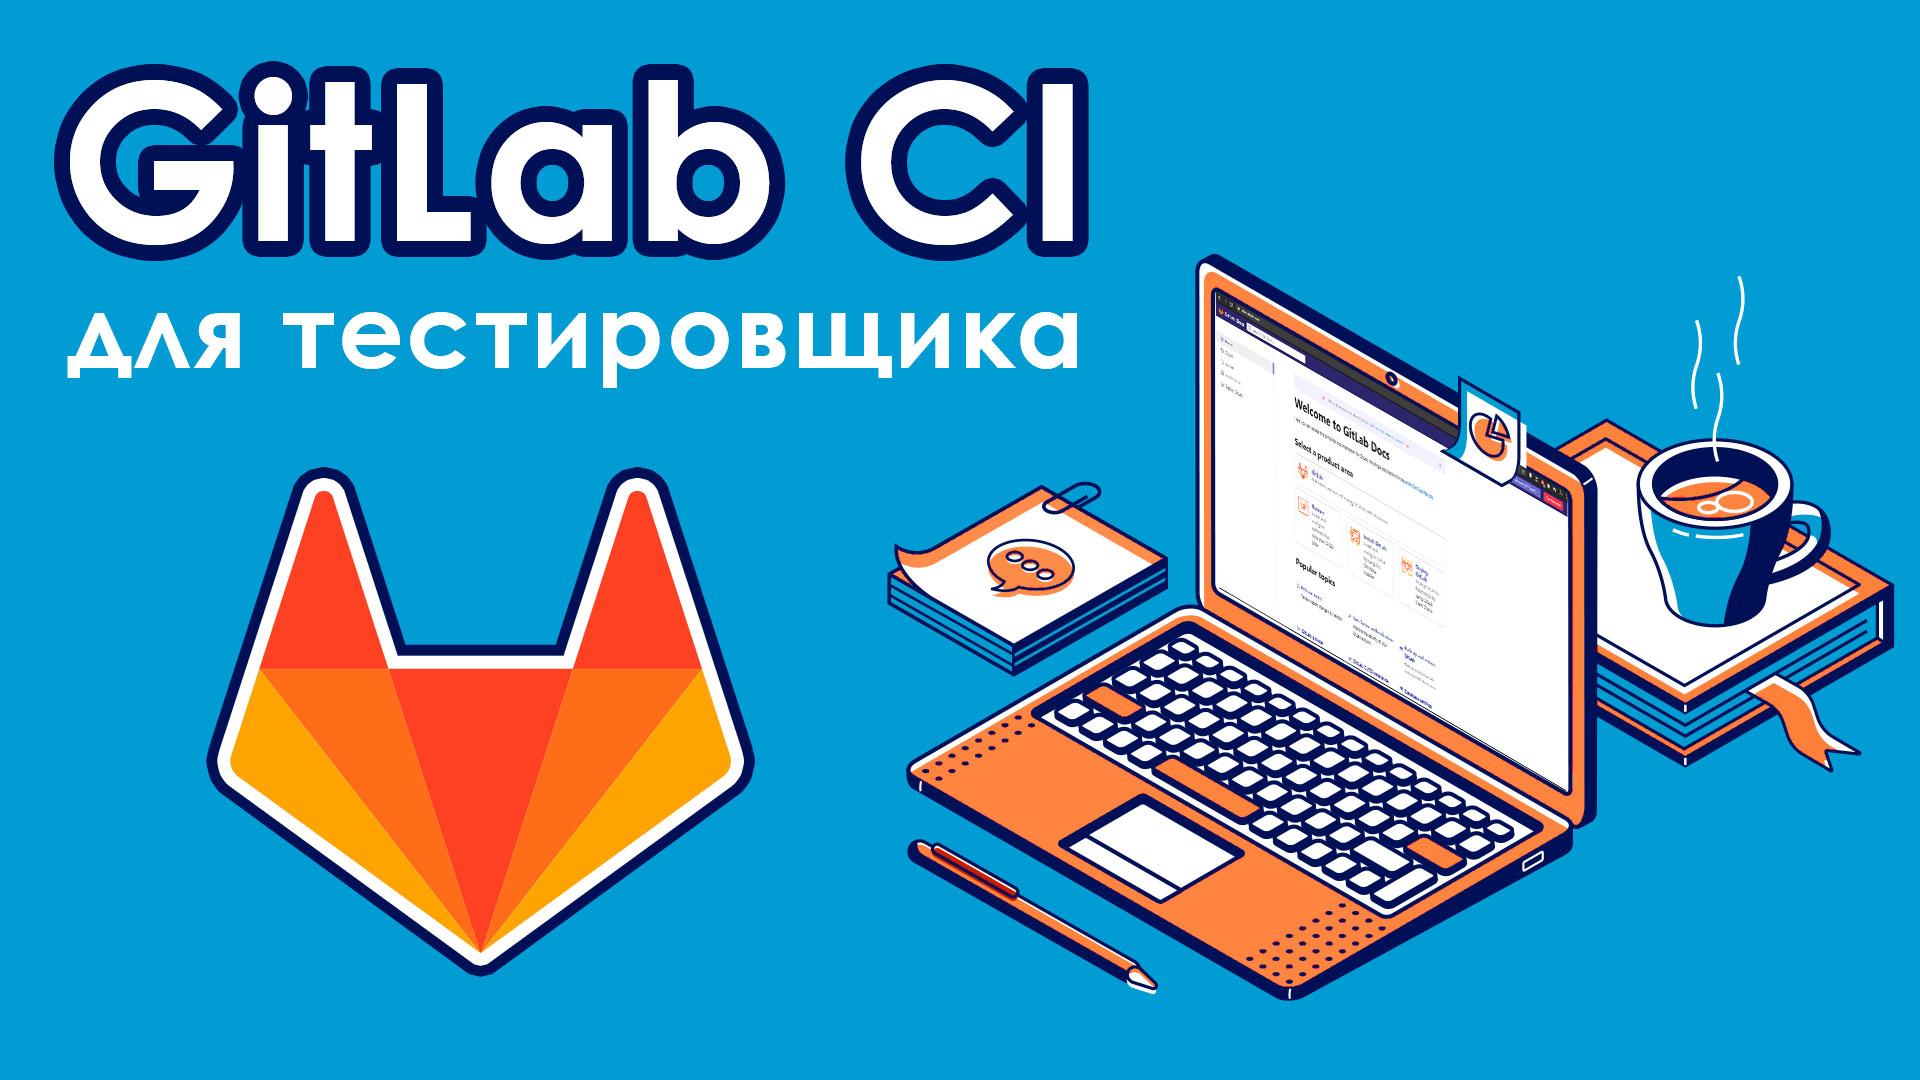 Обложка вебинара GitLab CI для тестировщика